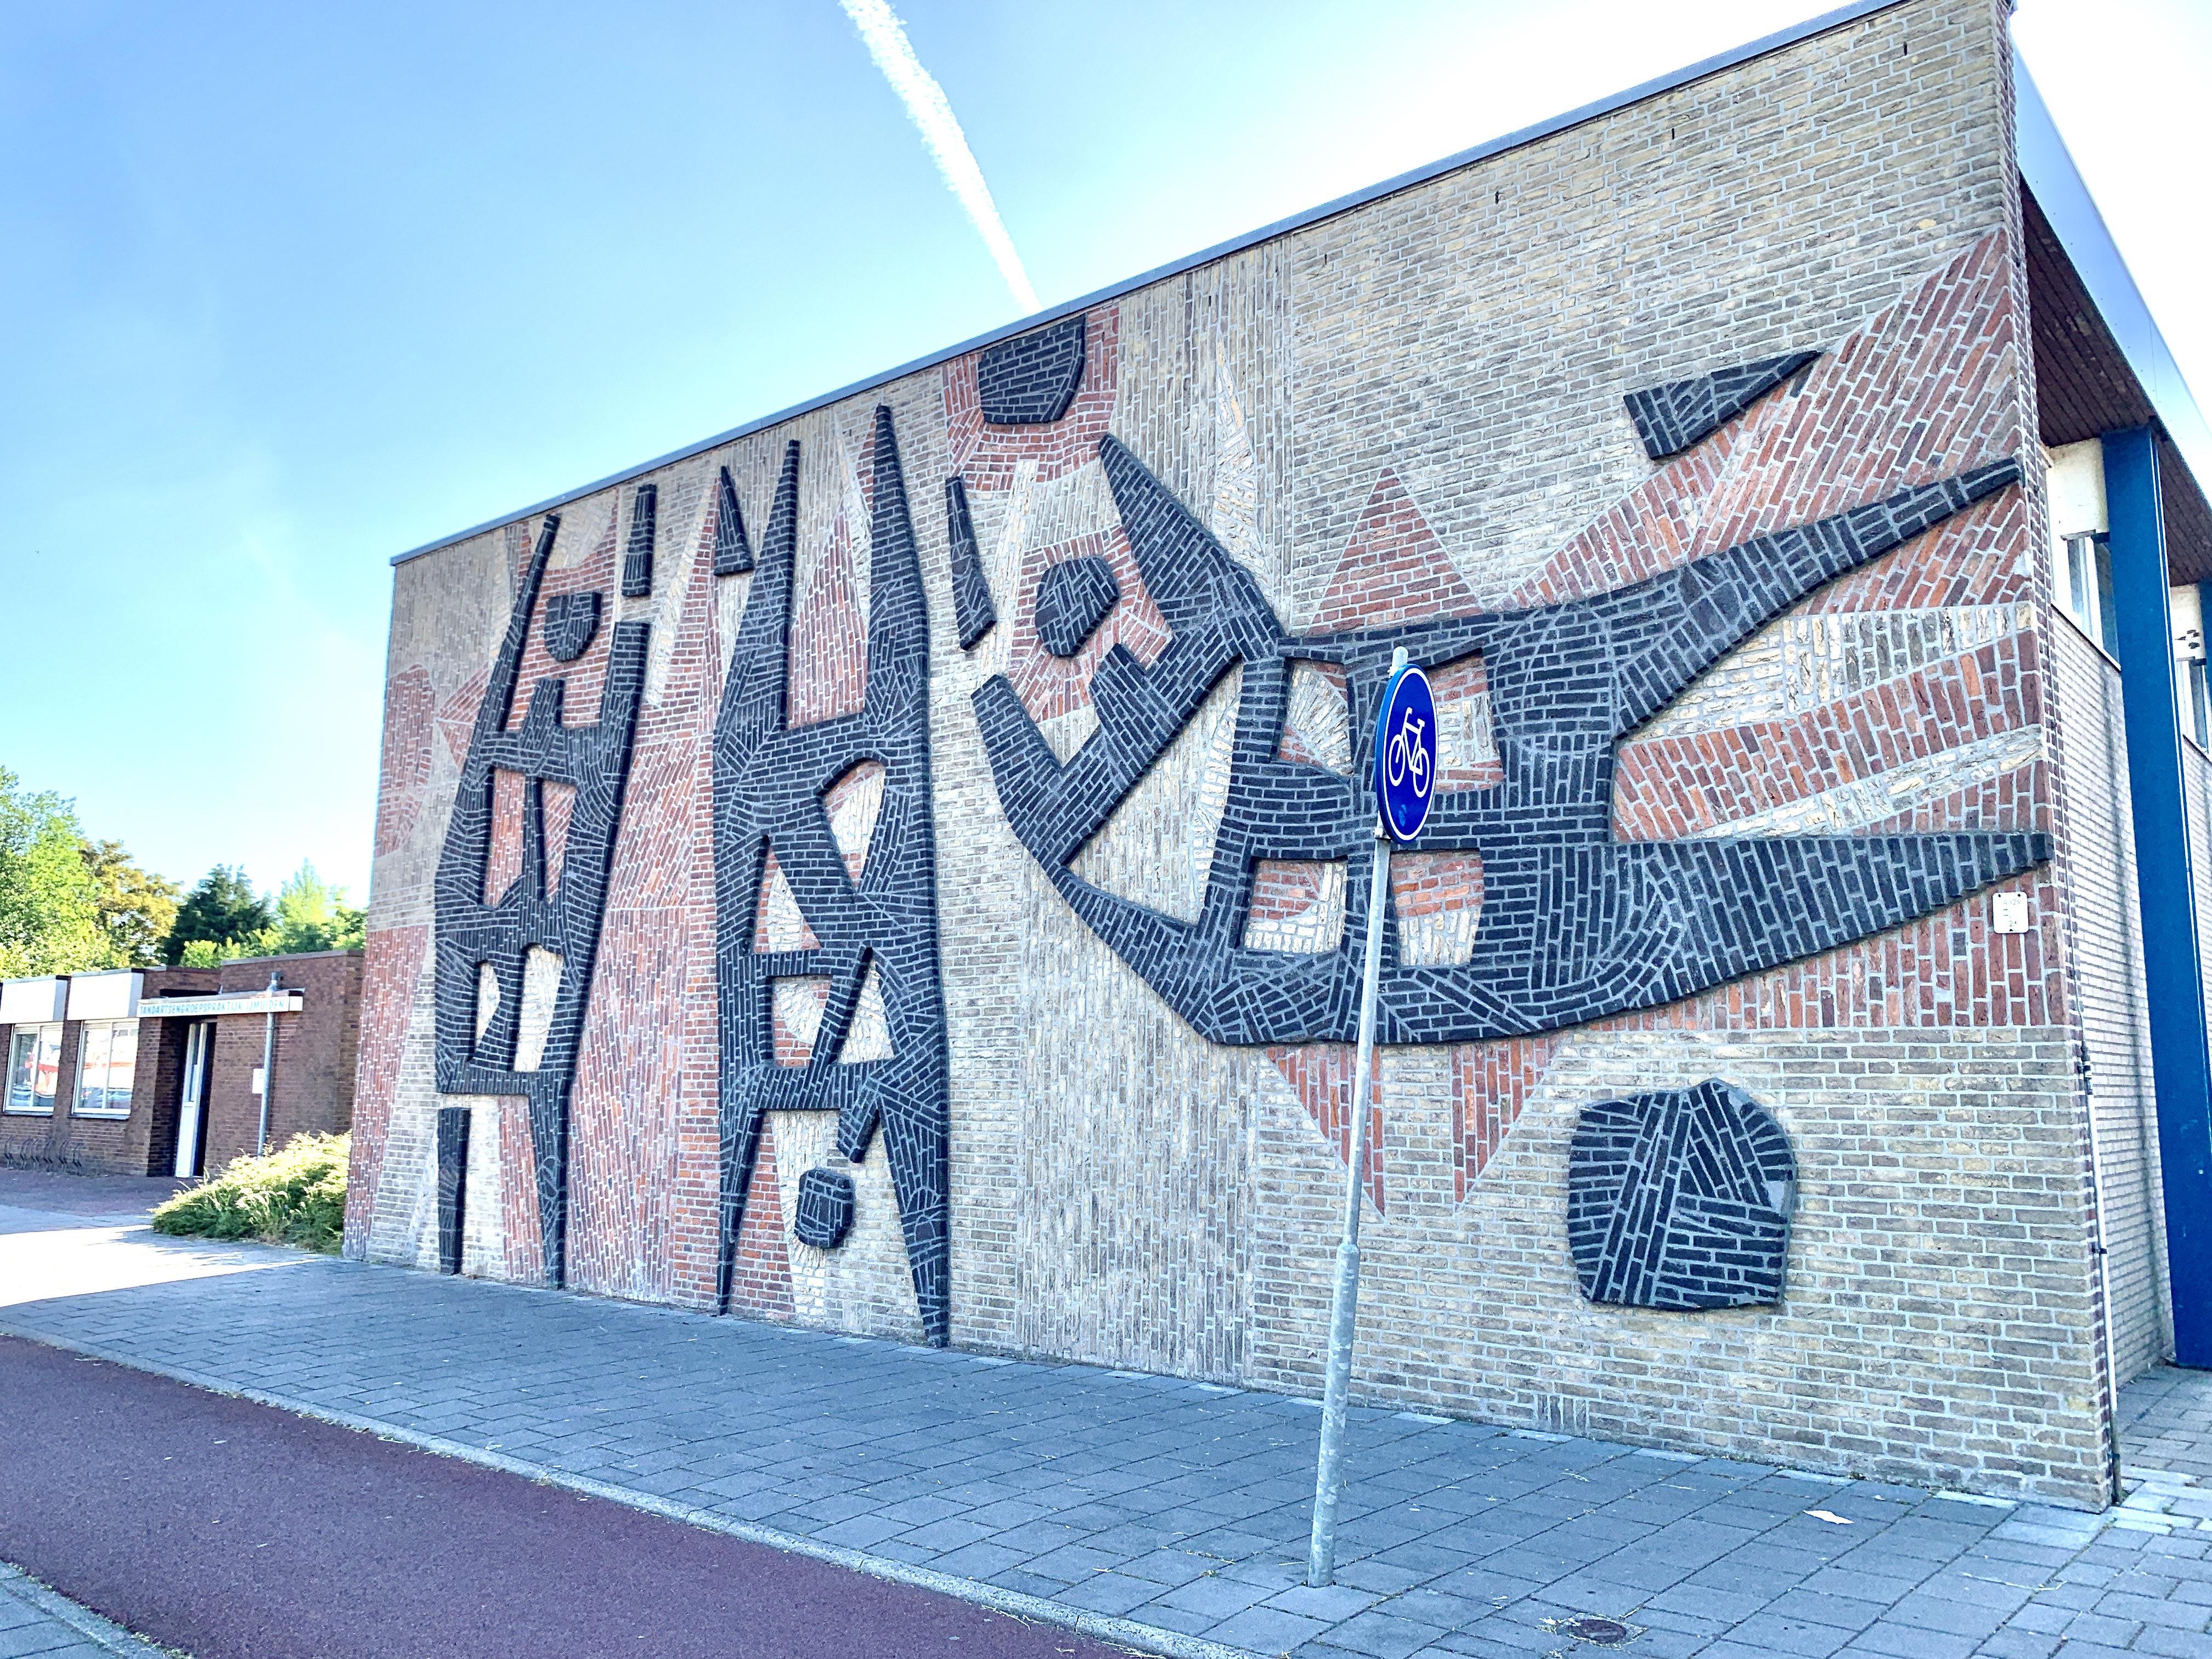 Toch hoop voor kunstwerk Bouke Ylstra. Gemeente Velsen noemt opnieuw metselen 'interessante oplossing'